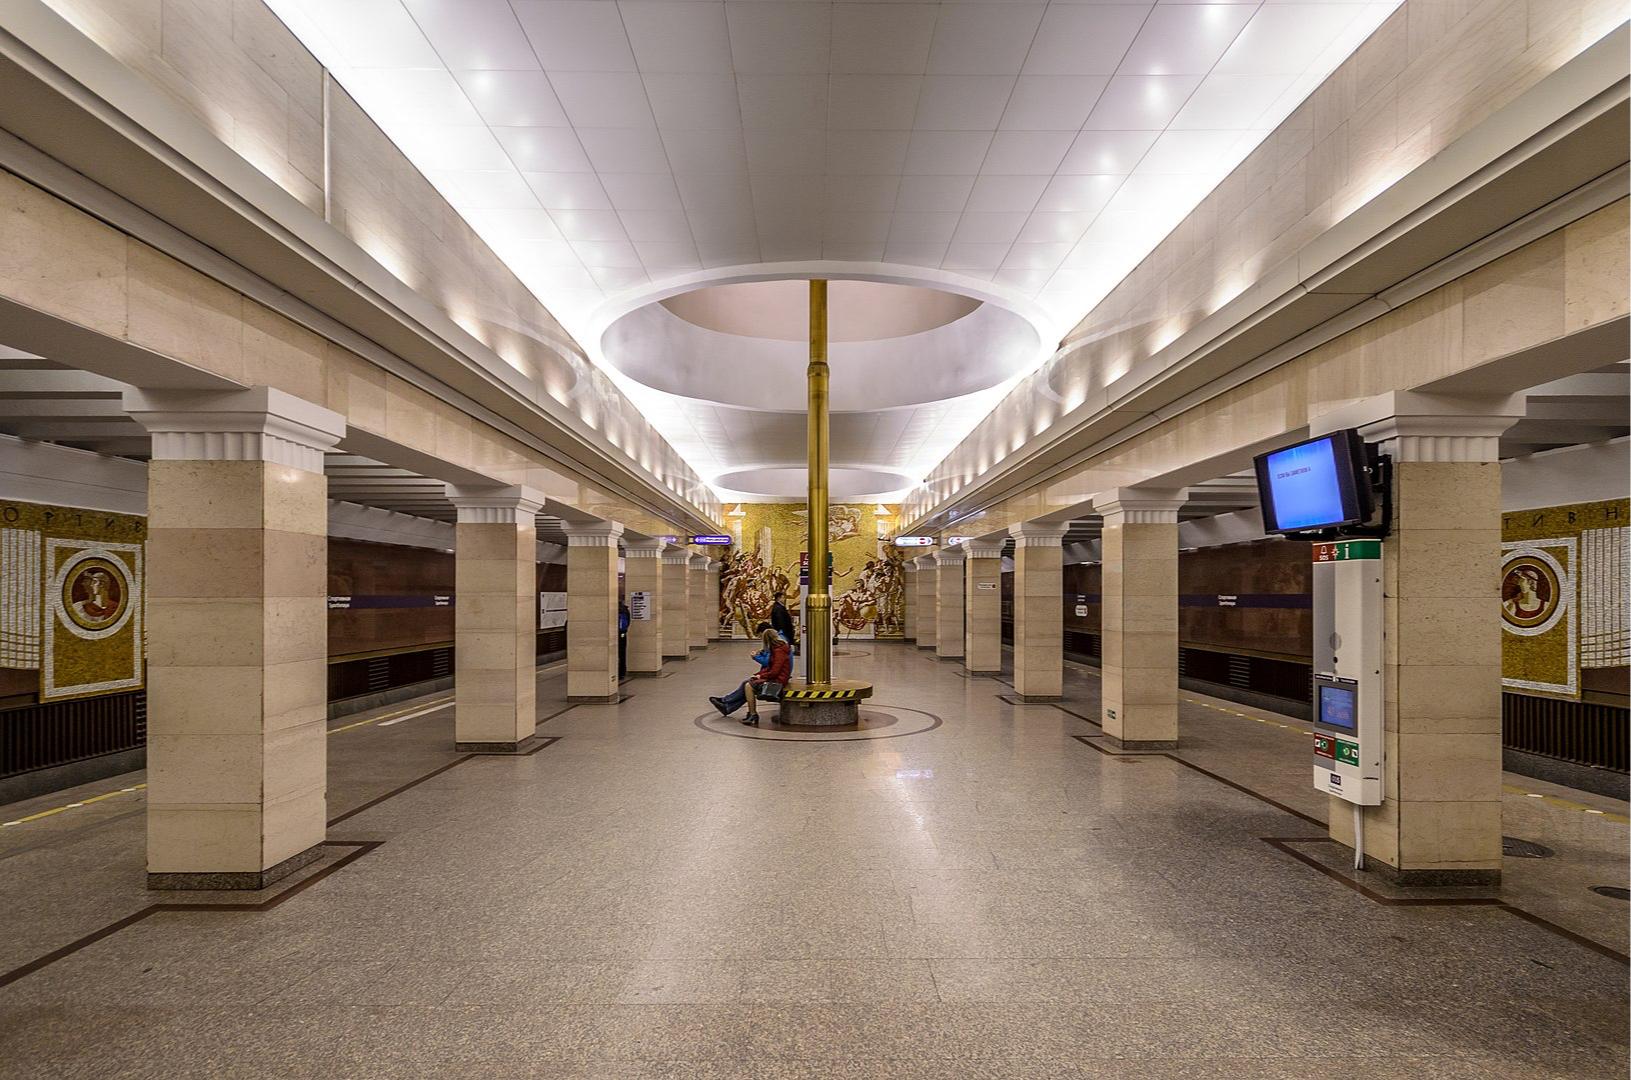 Станция «Спортивная» Петербургского метрополитена, нижний зал